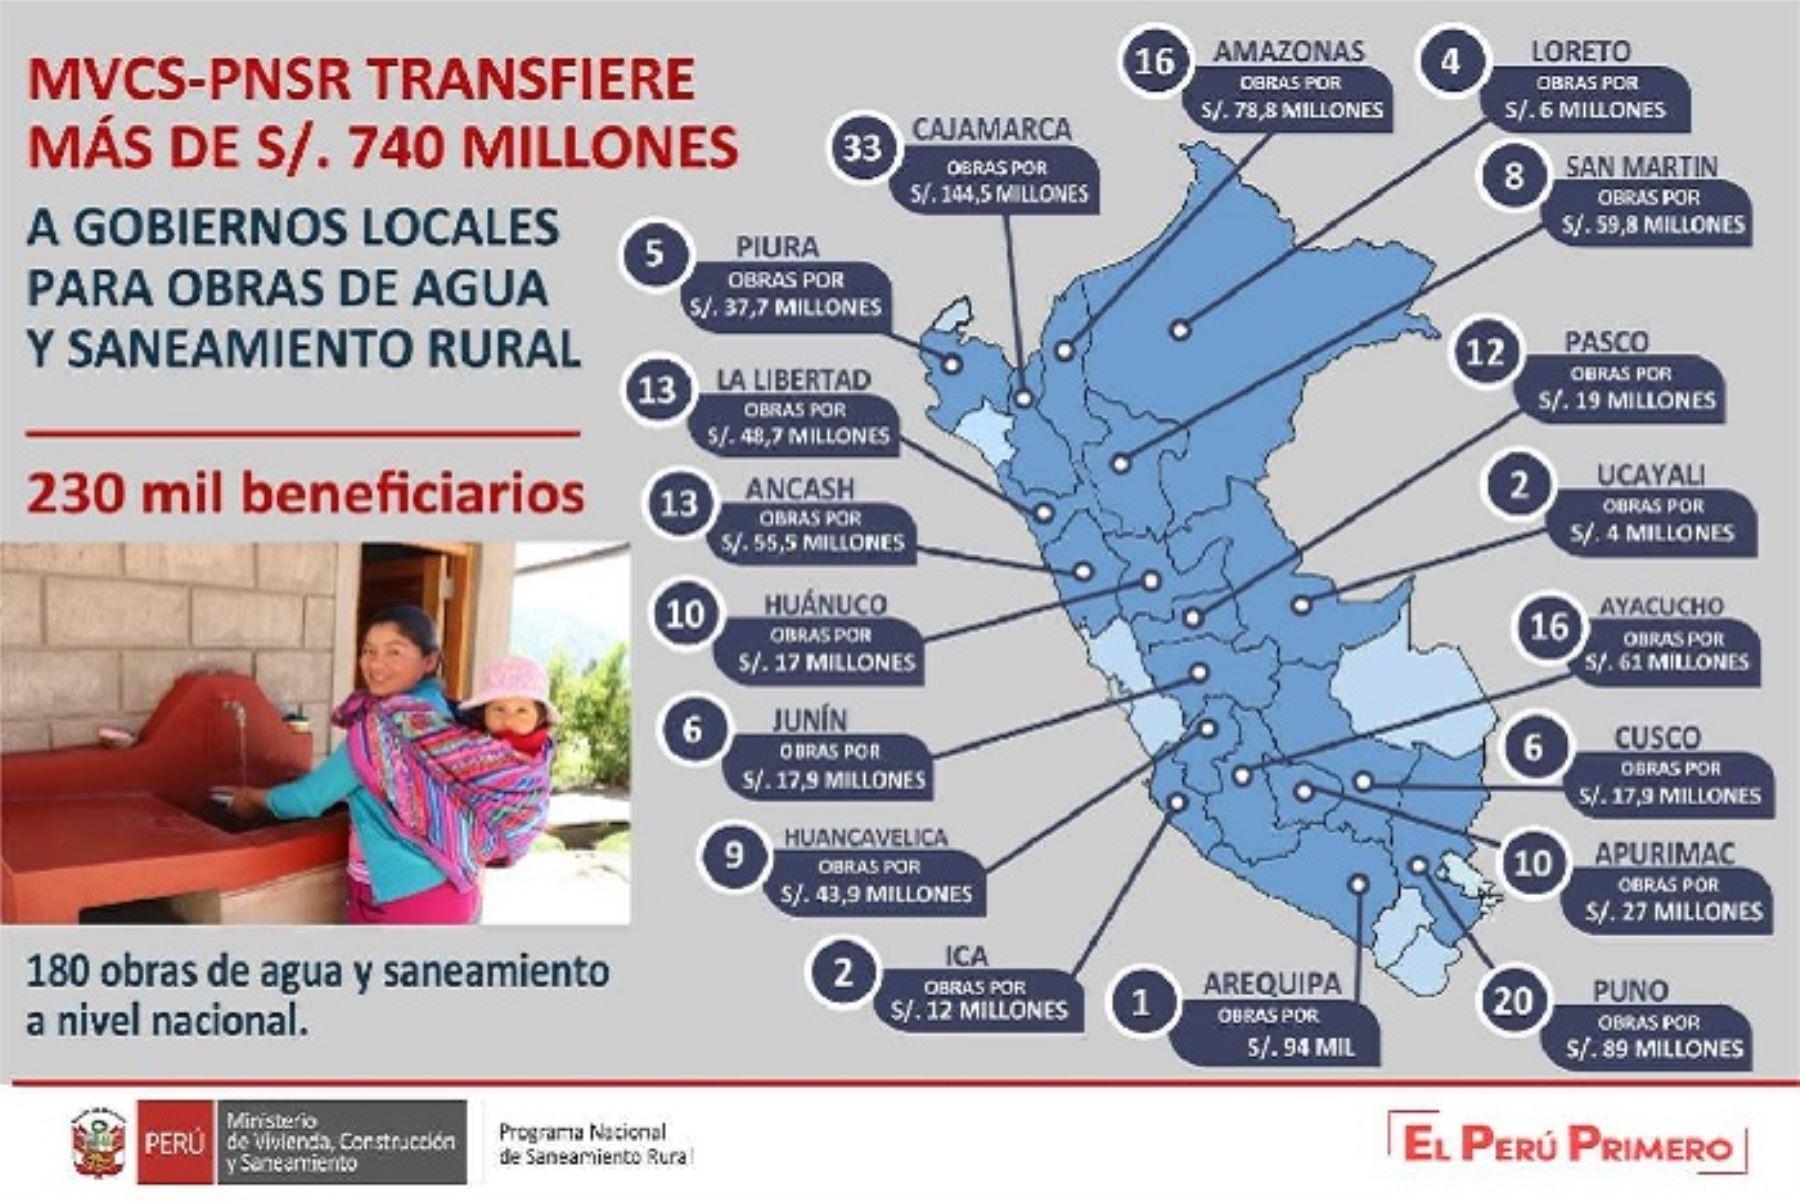 Más de 230,000 peruanos de localidades rurales en 18 regiones del país serán beneficiados este año con obras de agua potable y saneamiento, que demandarán una inversión de S/ 742,206,925 millones que el Ministerio de Vivienda, Construcción y Saneamiento (MVCS) ha transferido, a través del Programa Nacional de Saneamiento Rural (PNSR), a los gobiernos locales.